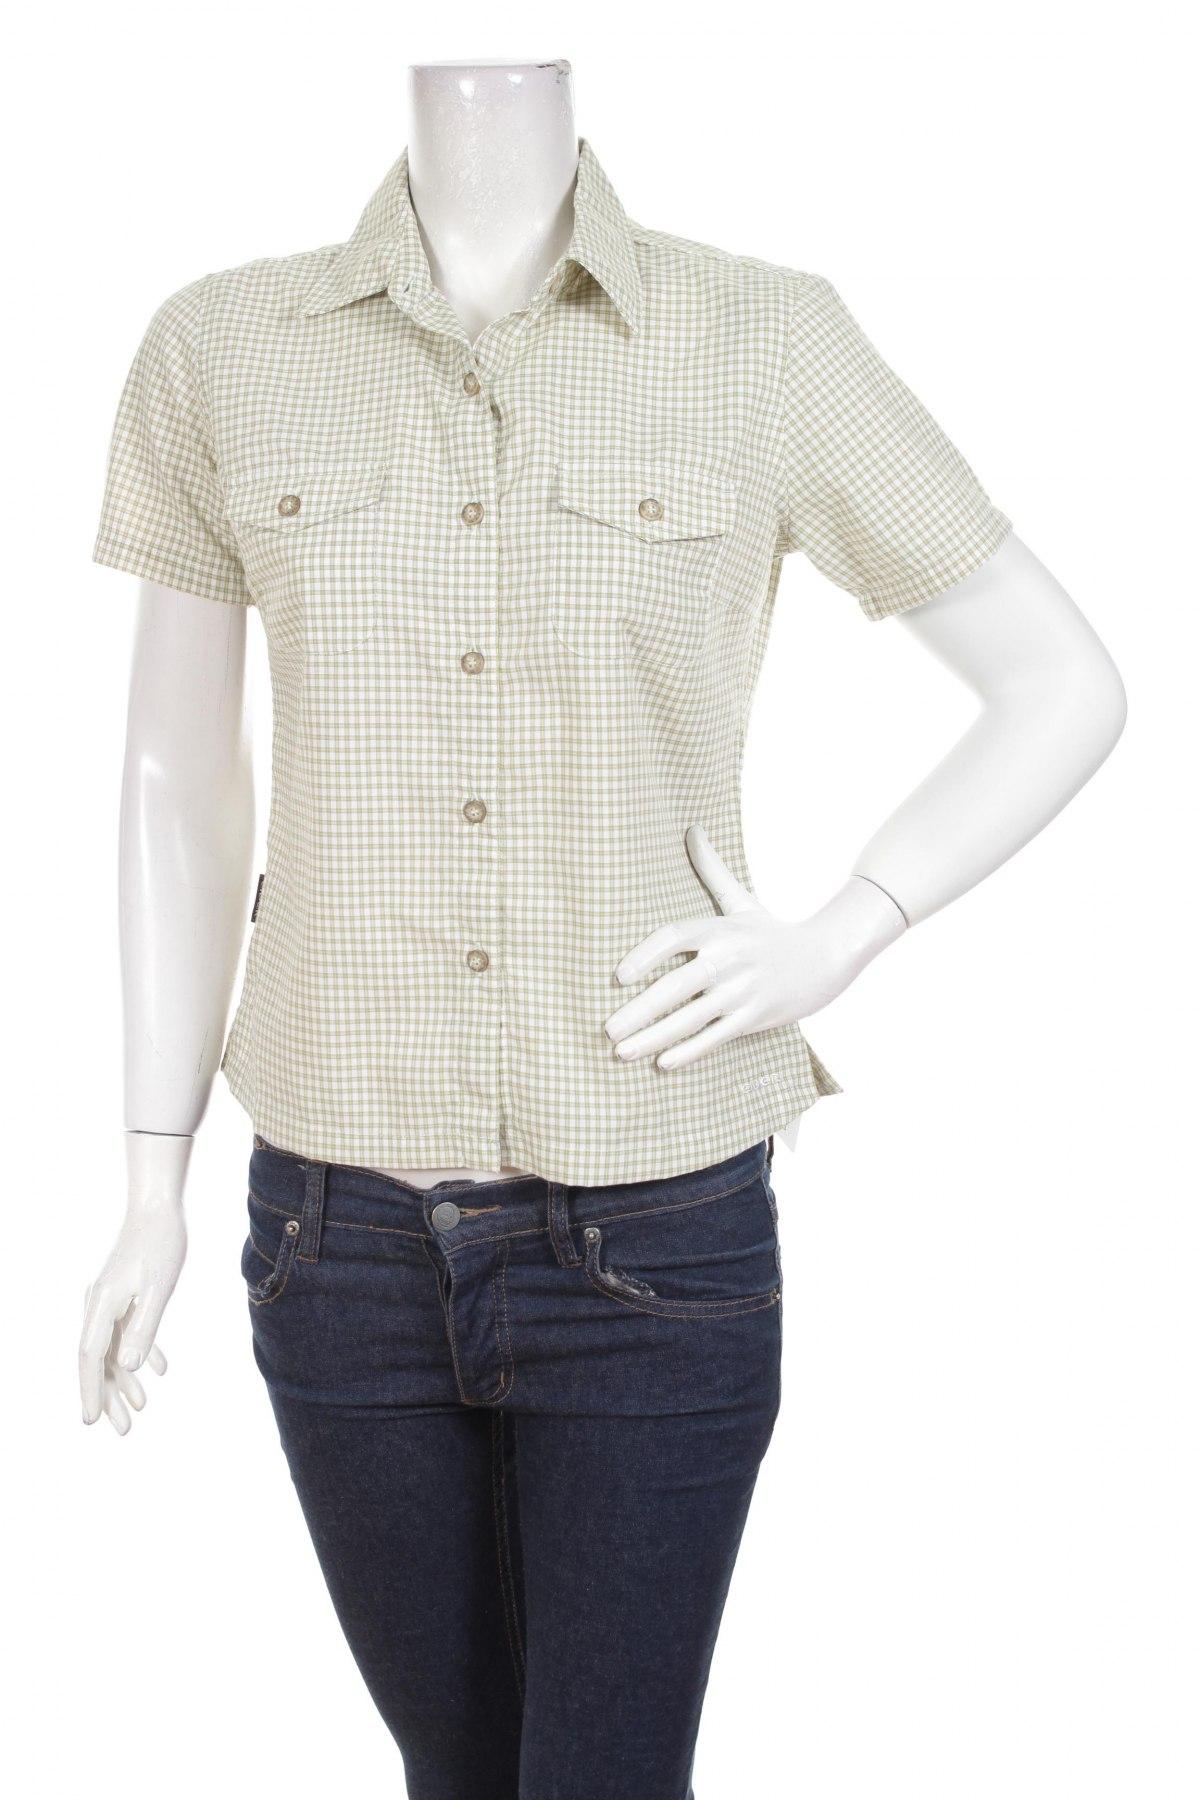 Γυναικείο πουκάμισο Eider, Μέγεθος S, Χρώμα Πράσινο, 80% πολυεστέρας, 20% πολυαμίδη, Τιμή 13,61€